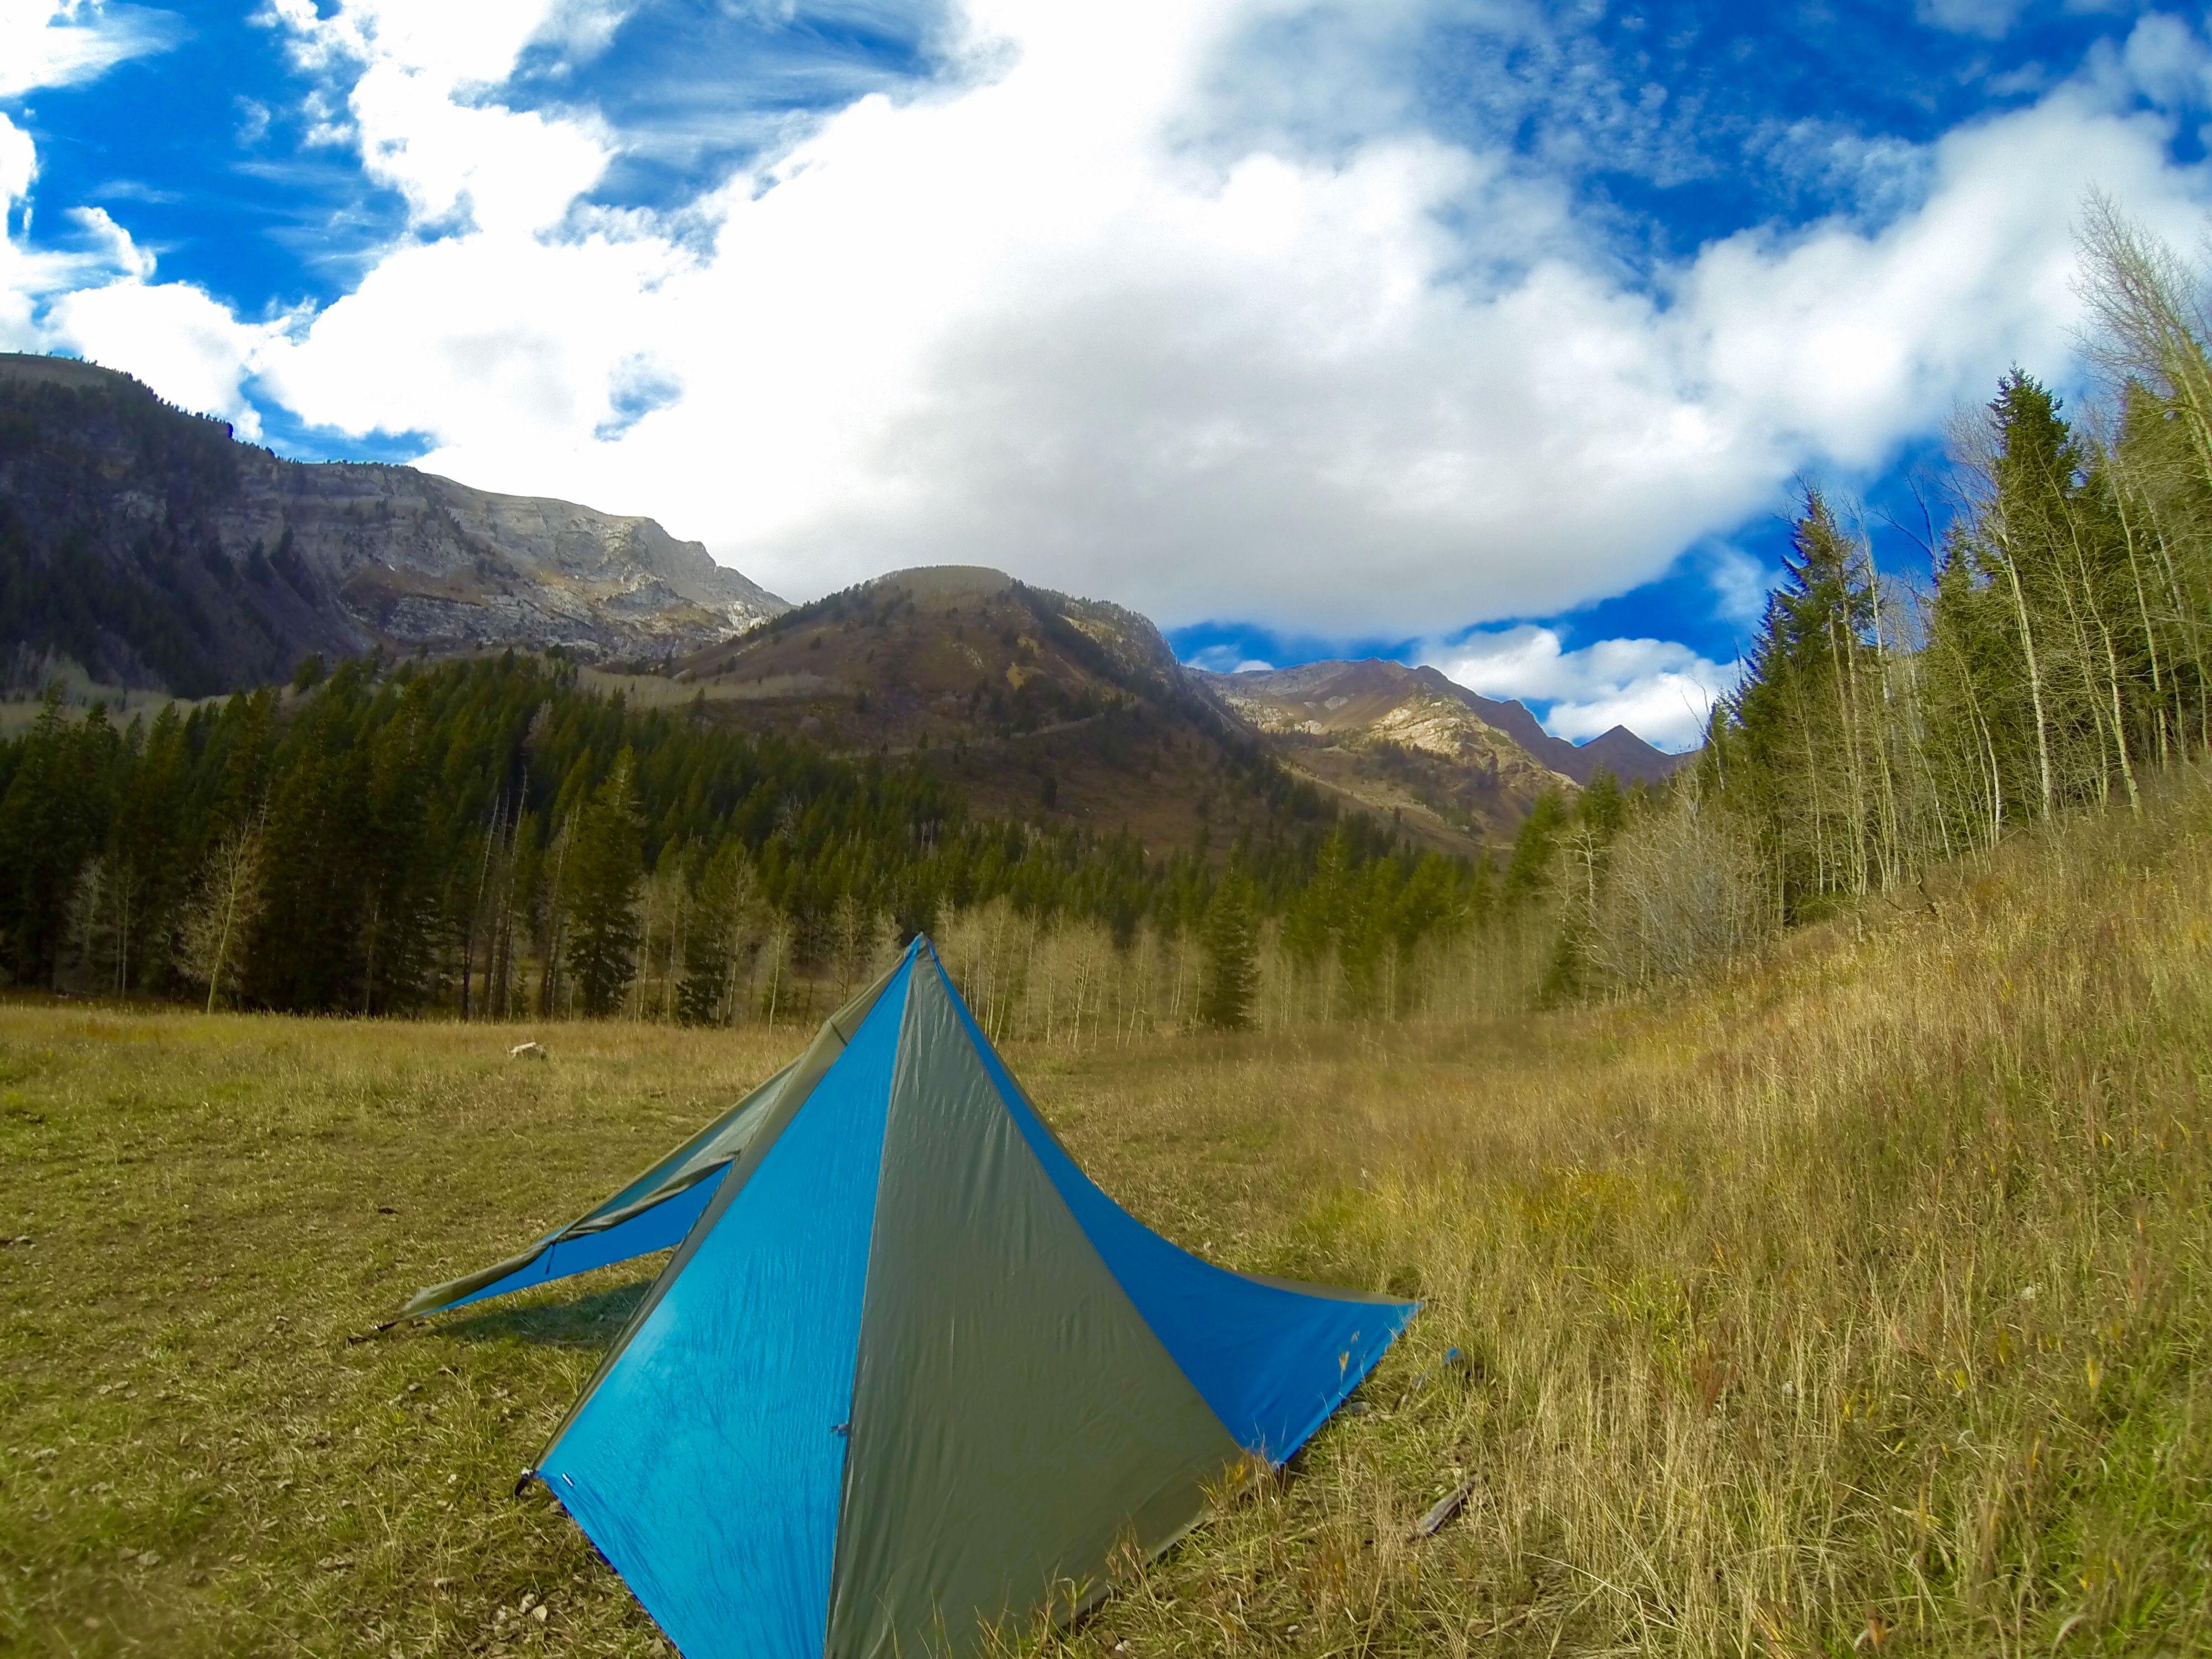 Bd Mega-light Ultralight Camping Gear Outdoor